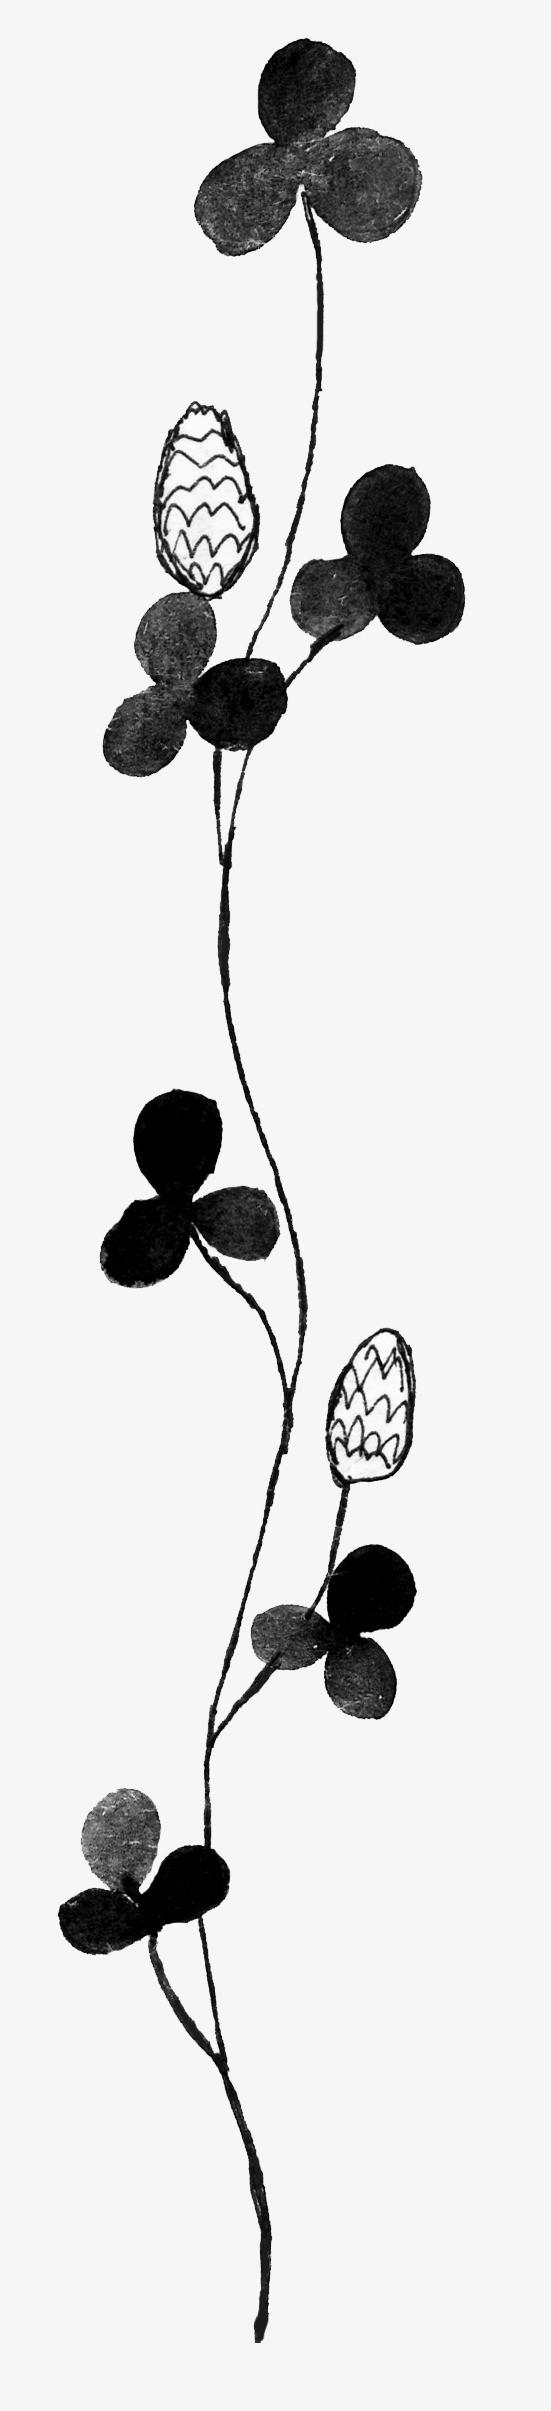 黑白花朵简笔画